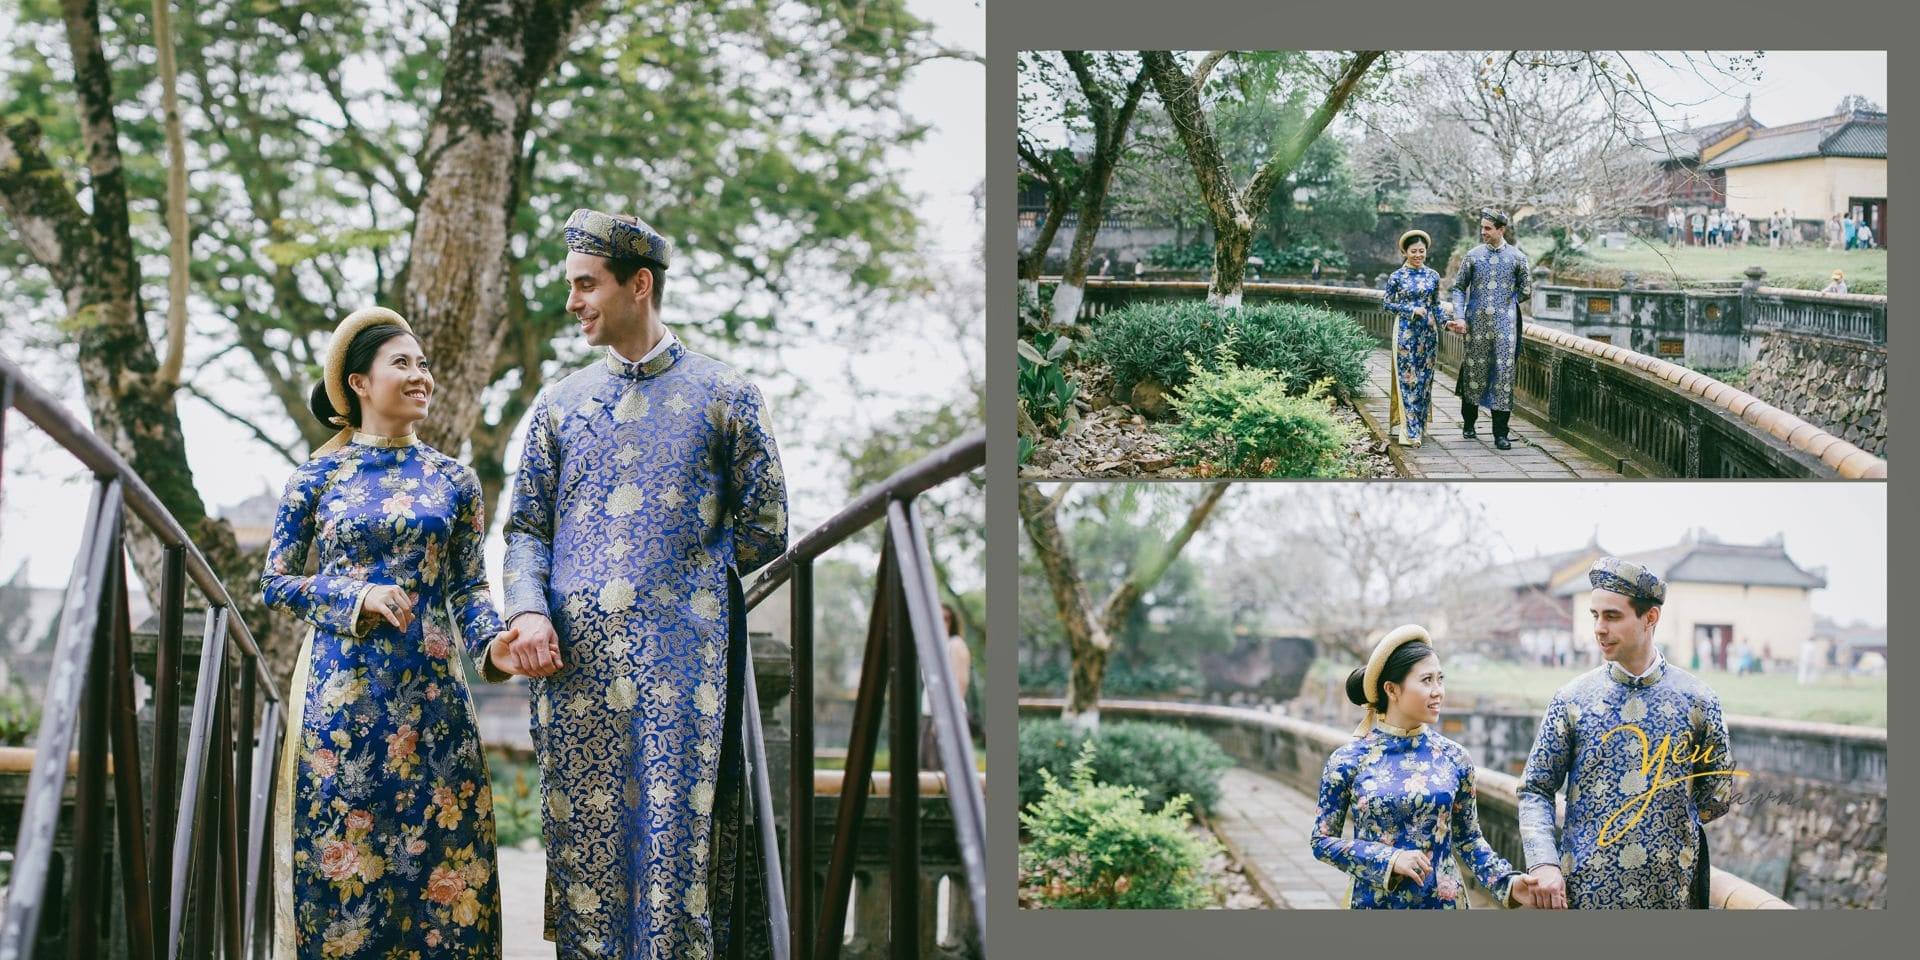 cô dâu chú rể mặc áo dài cổ truyền nắm tay nhau đi trên cầu